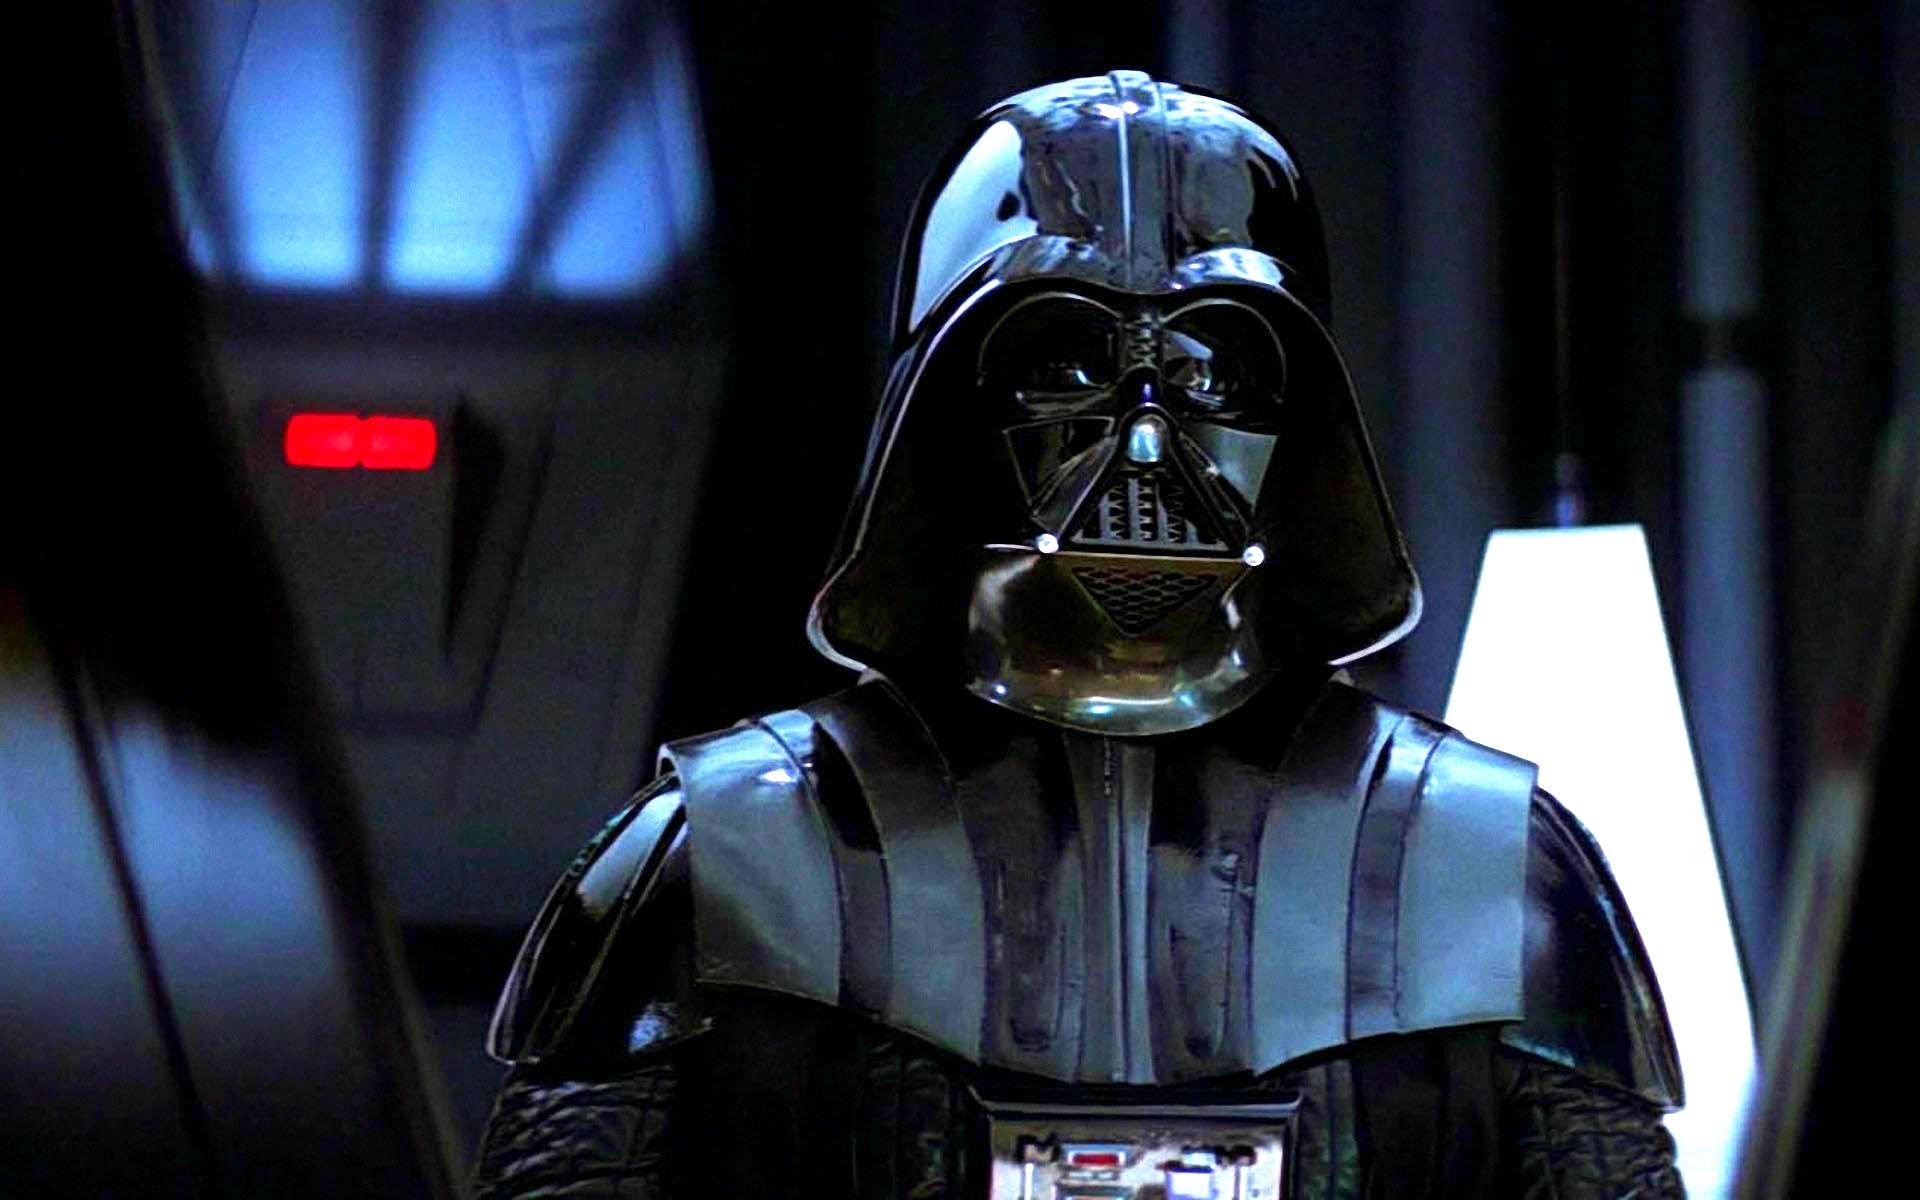 STAR WARS EMPIRE STRIKES BACK Sci-fi Futuristic Movie Film